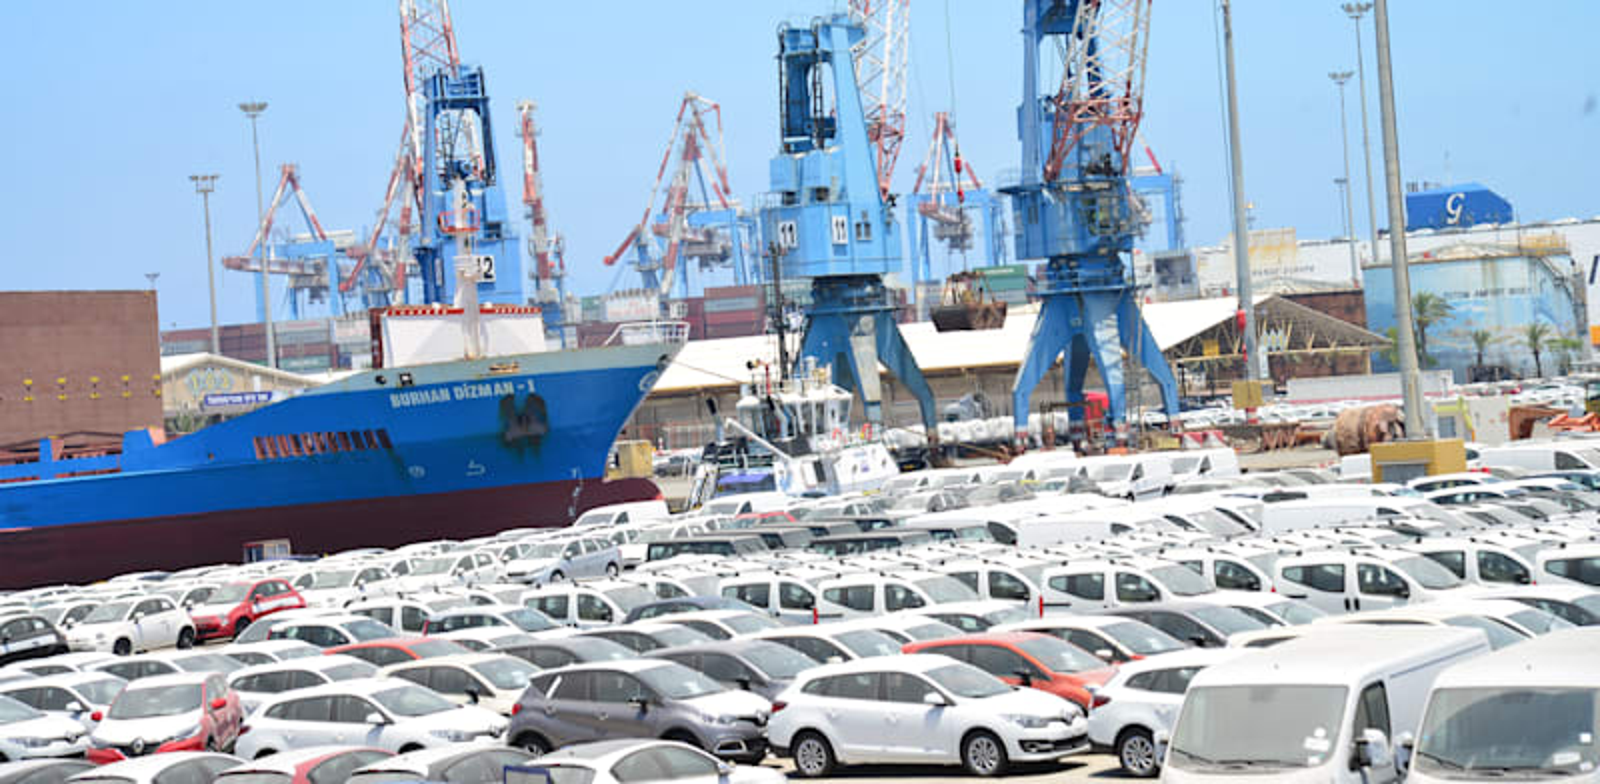 נמל אשדוד. צפי למכירות של 290 אלף כלי רכב חדשים השנה / צילום: תמר מצפי